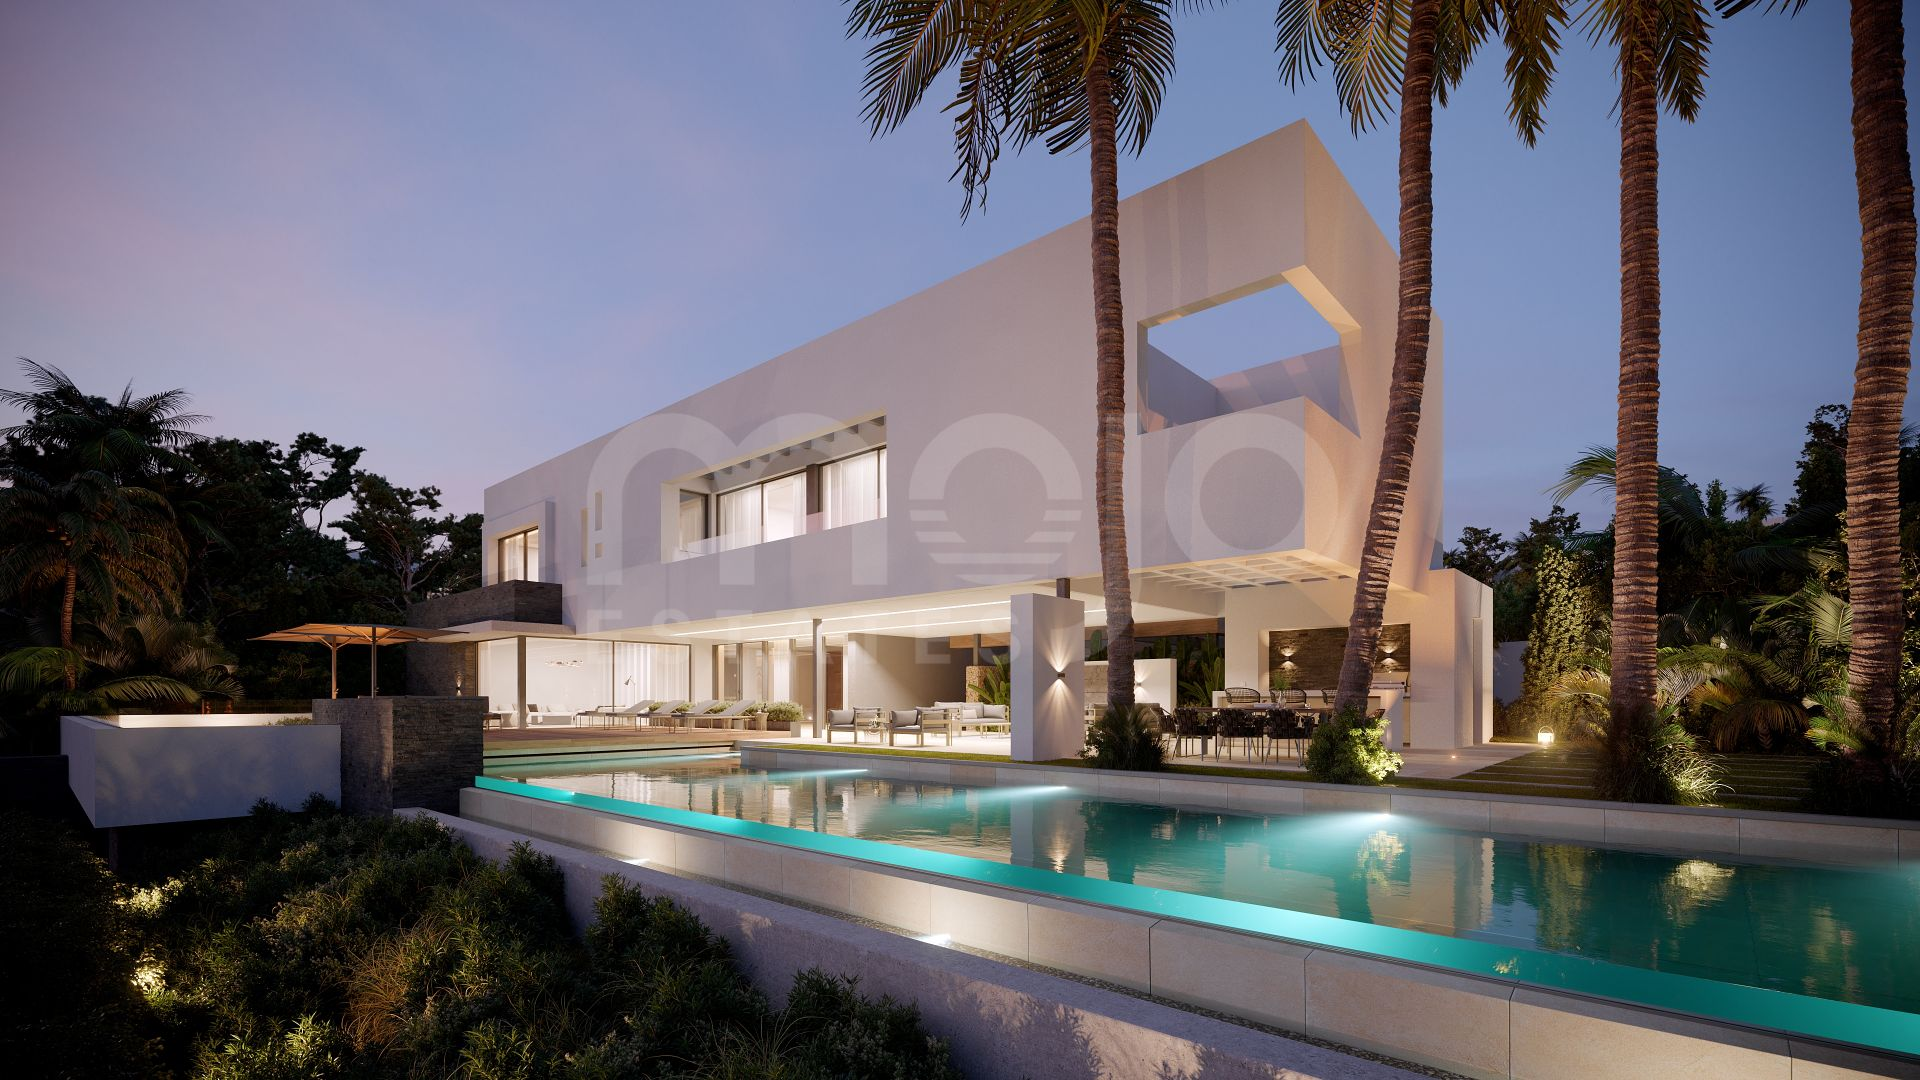 Villa en venta en La Alqueria, Benahavis